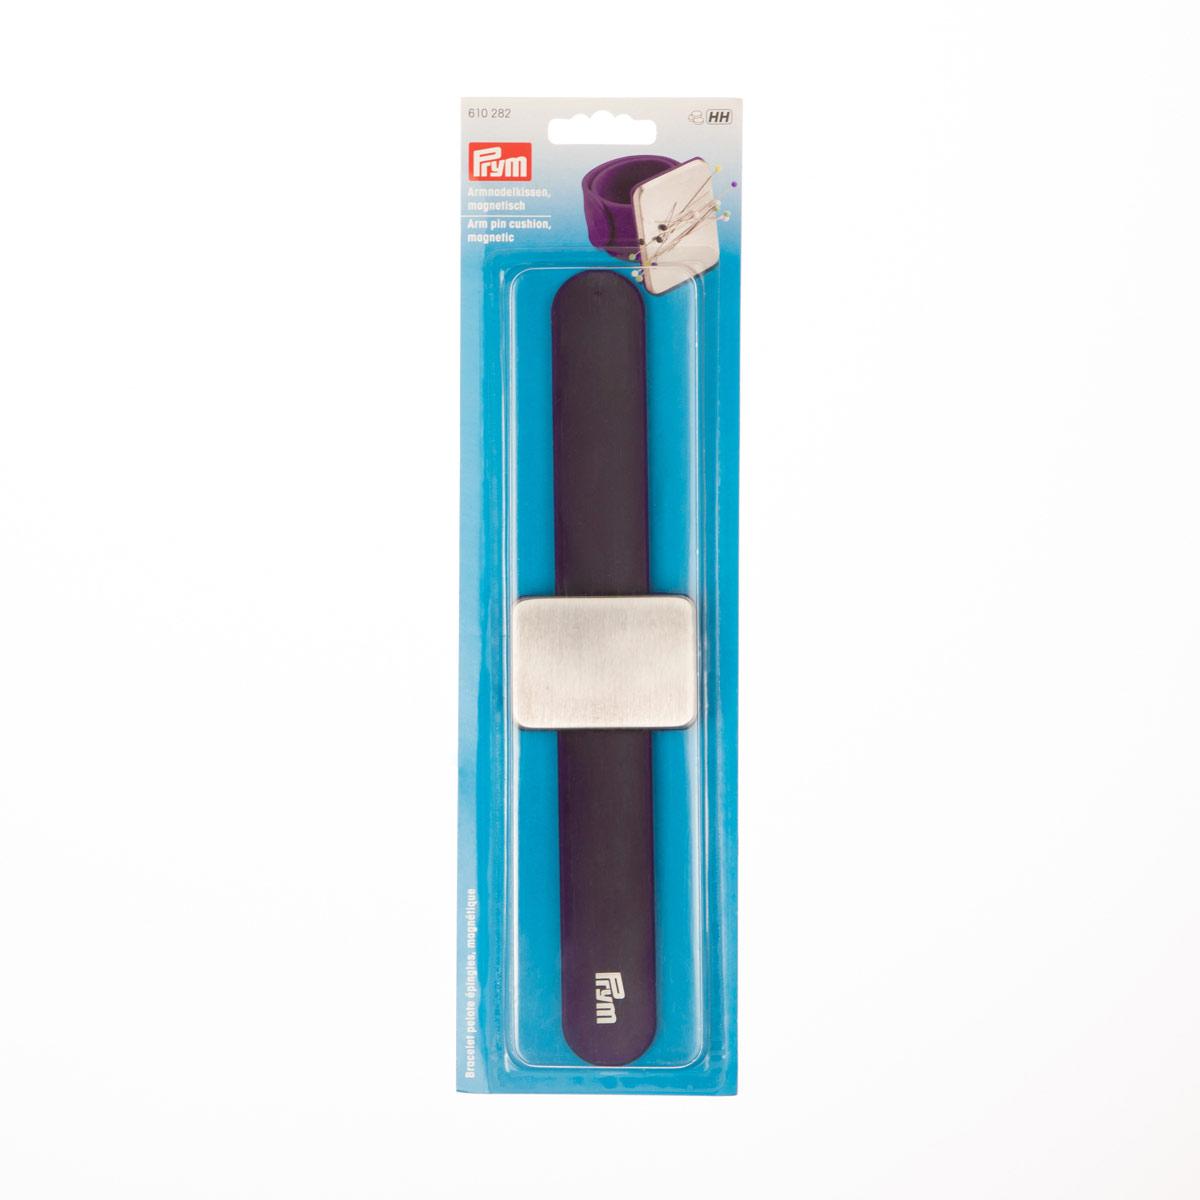 610282 Игольница магнитная на руку, фиолетовый цв. 1шт., Prym